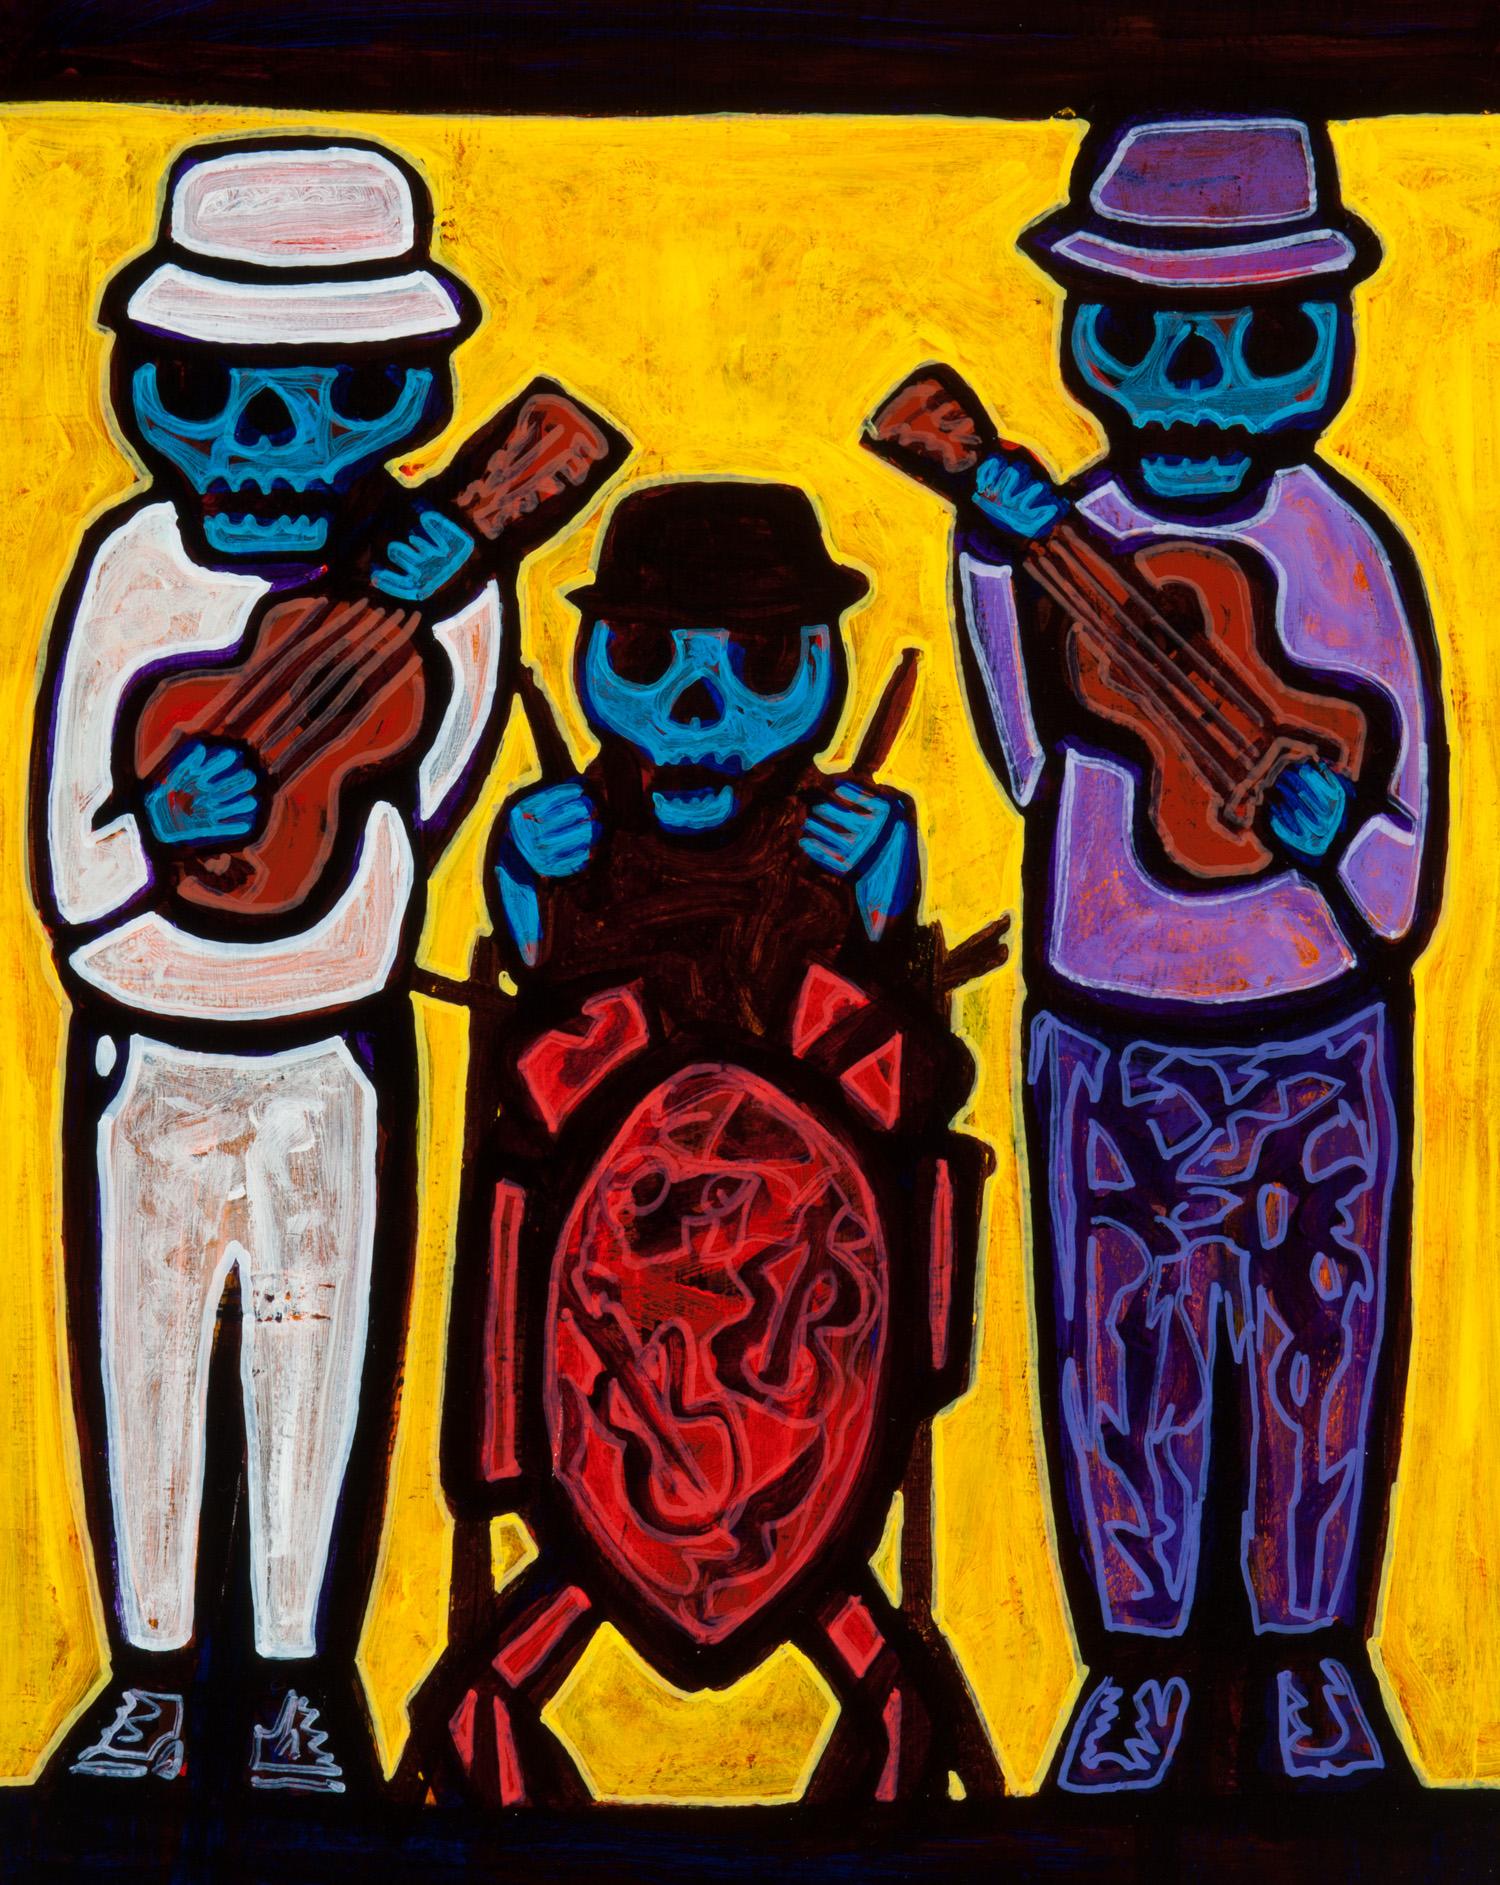 trio/rockeros, 2010, 17x22